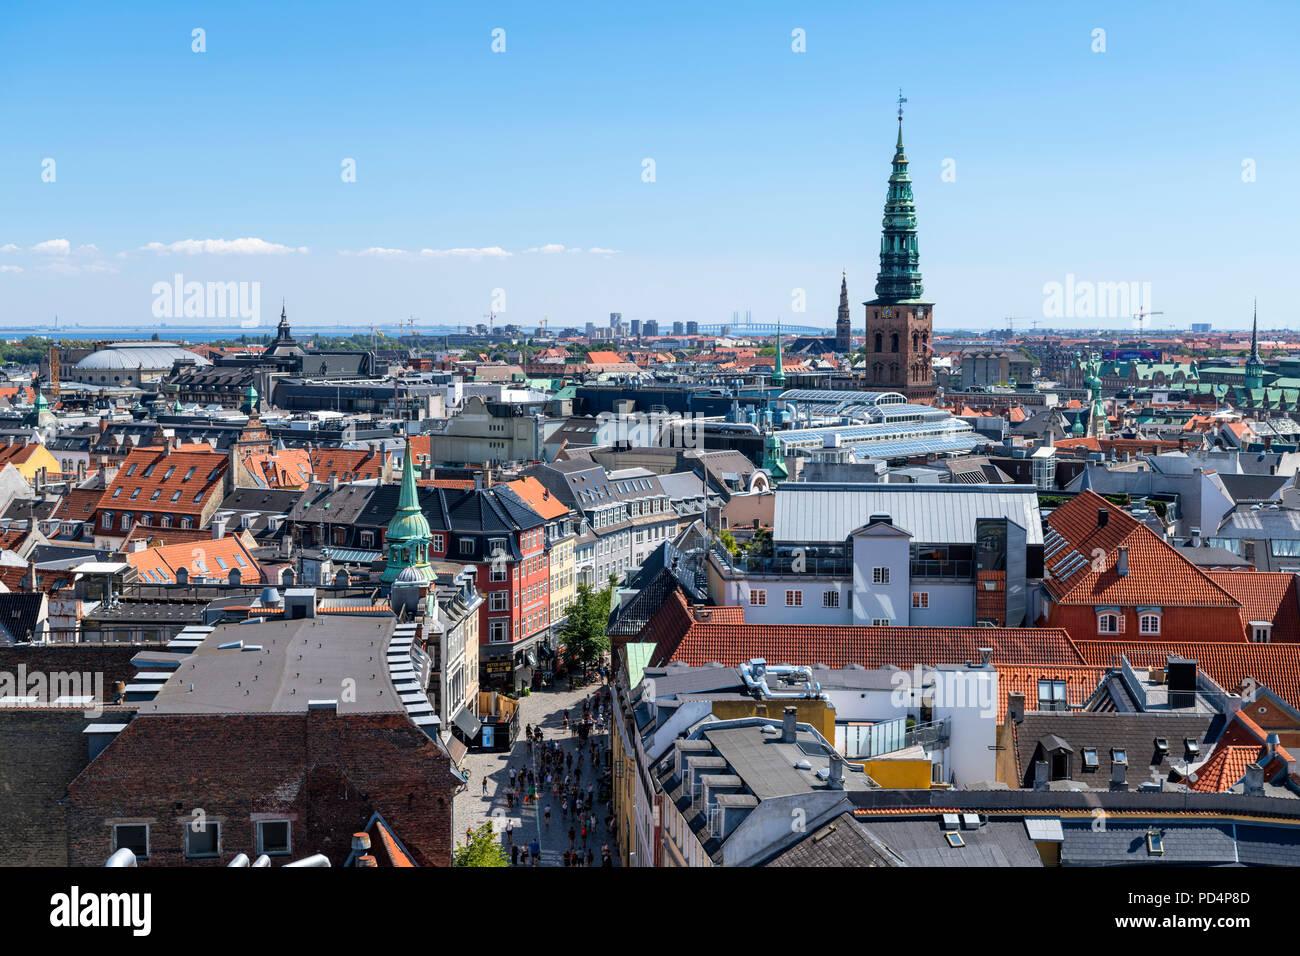 Vistas de la ciudad desde la Torre Redonda (Rundetaarn) mirando hacia la espira del Nikolaj Centro de Arte Contemporáneo (Iglesia de San Nicolás), Copenhague, Dinamarca Imagen De Stock